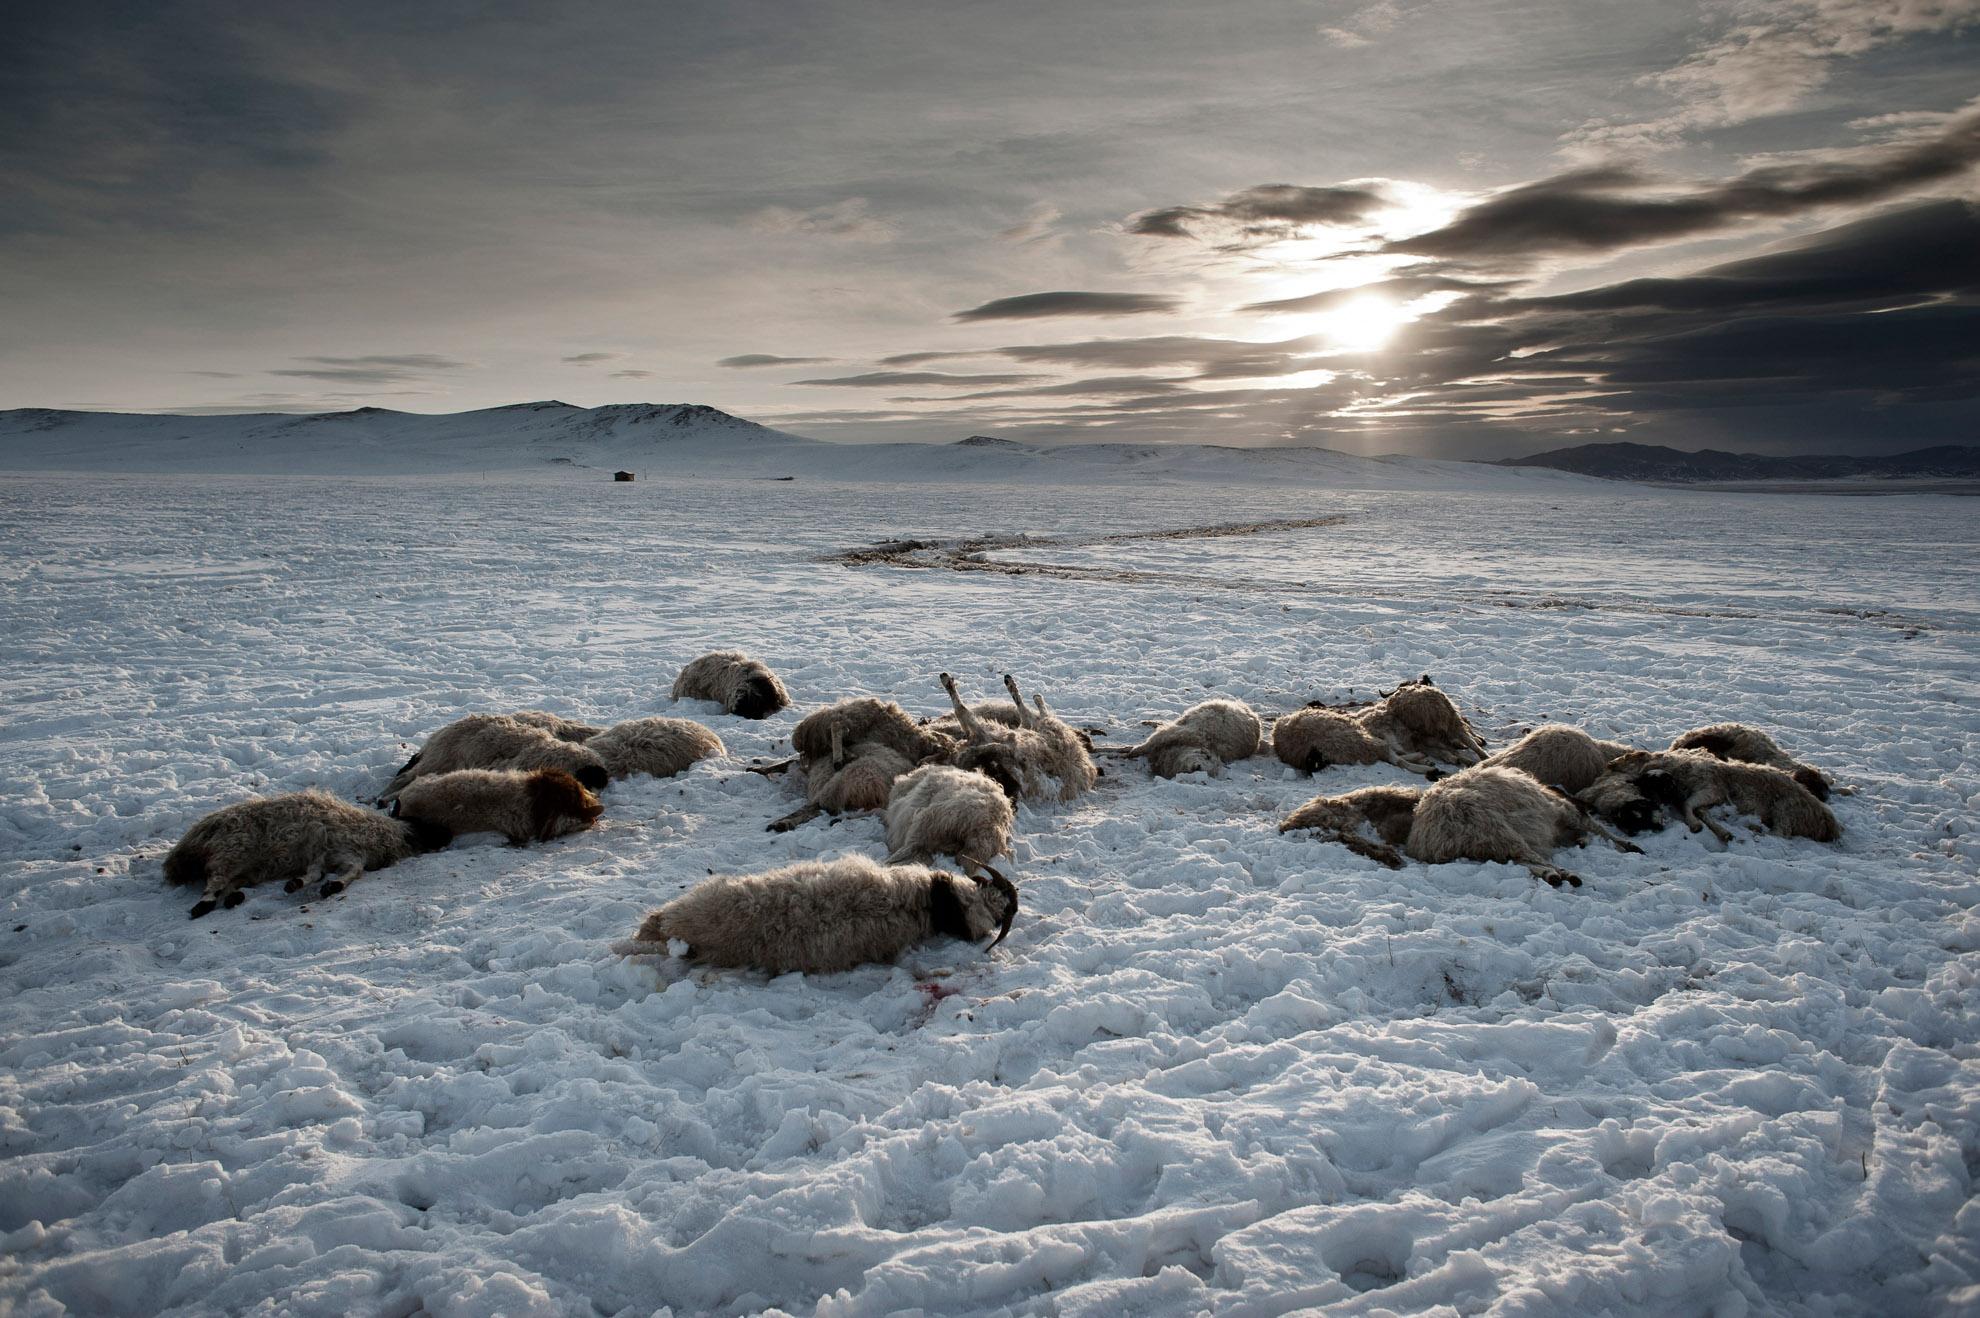 En la provincia de Arkhangai, a unos 32 km. del pueblo de Ulziit, donde vive la familia Tsamba intentando sobrevivir con su rebaño. La familia Tsamba ha perdido cerca de 20 ovejas (en la foto) en dos fríos días de invierno. En la provincia mongola de Arkhangai, la familia Tsamba vive en condiciones extremas, superando con dificultad duros inviernos junto a su rebaño de ovejas.